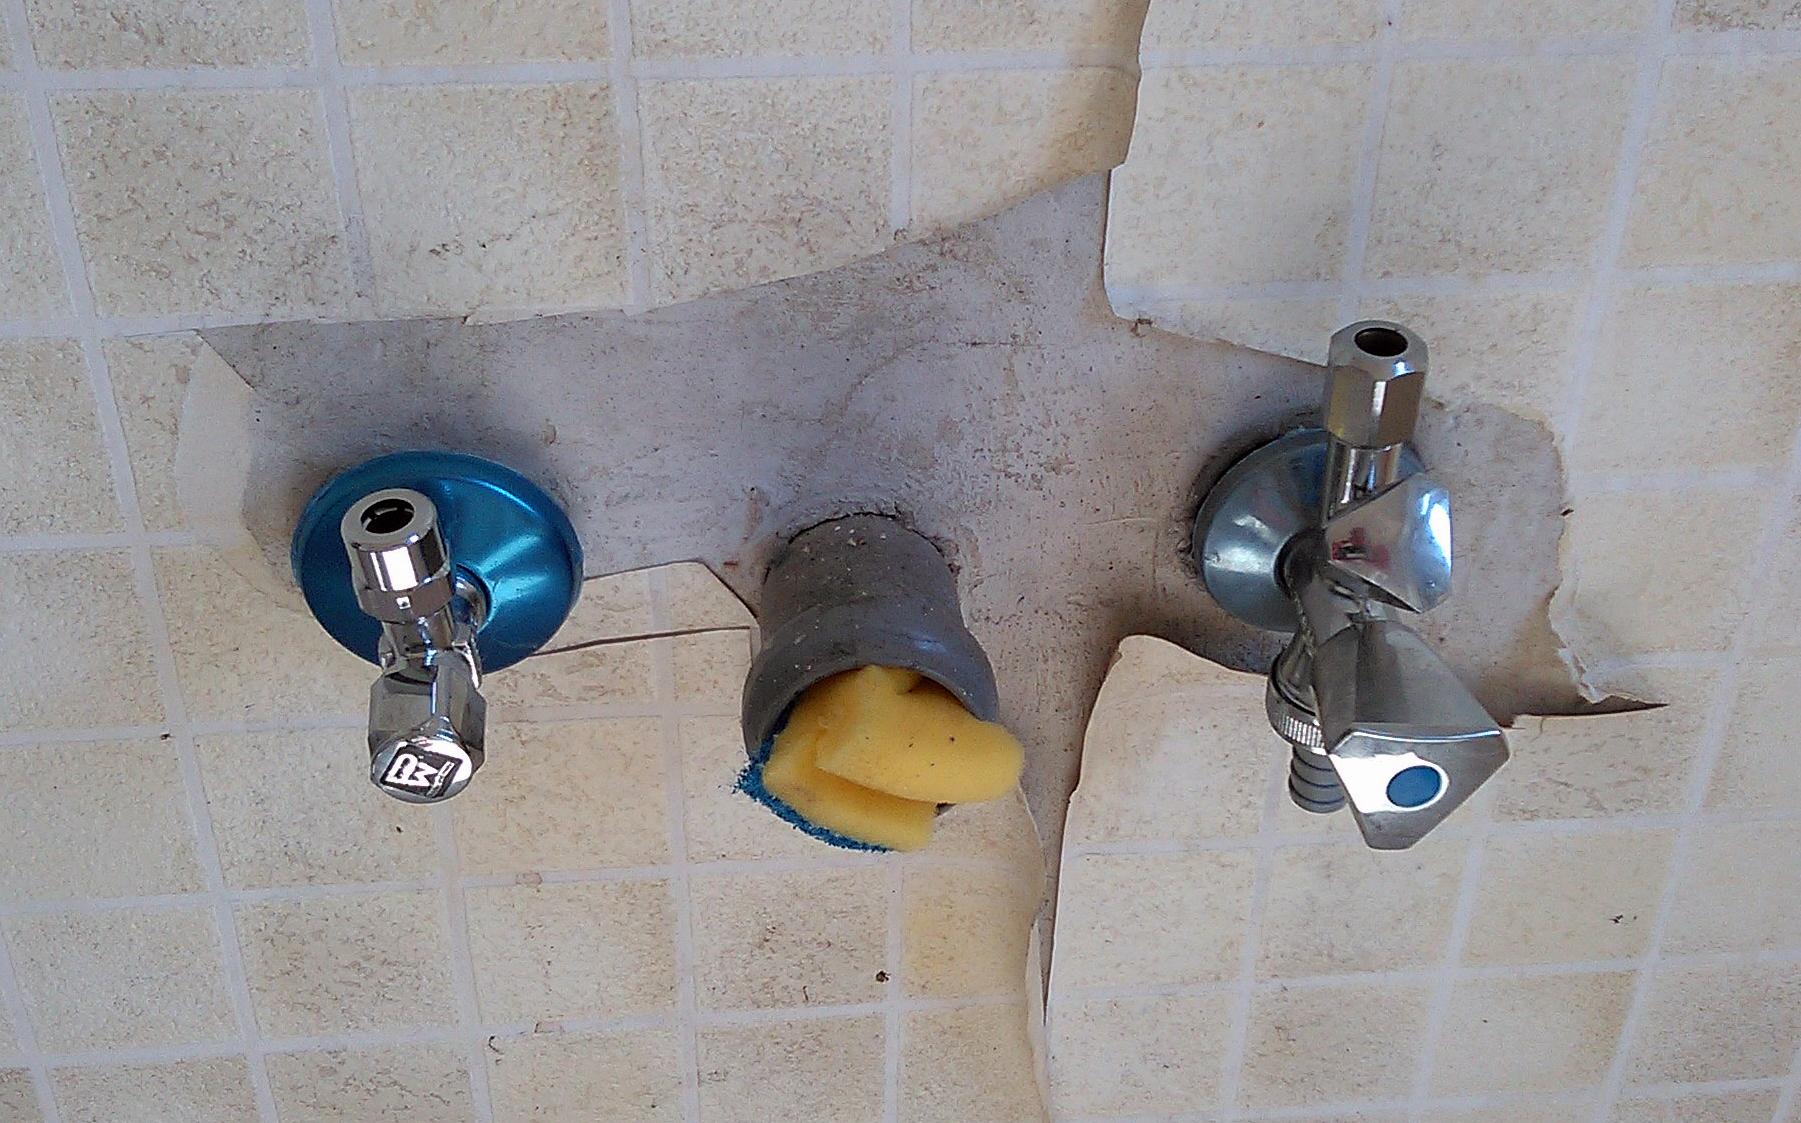 Full Size of Wasseranschluss Küche Filewasseranschluss In Einer Kueche Fcmjpg Wikimedia Fliesenspiegel Einbauküche Weiss Hochglanz Led Deckenleuchte Outdoor Edelstahl Wohnzimmer Wasseranschluss Küche